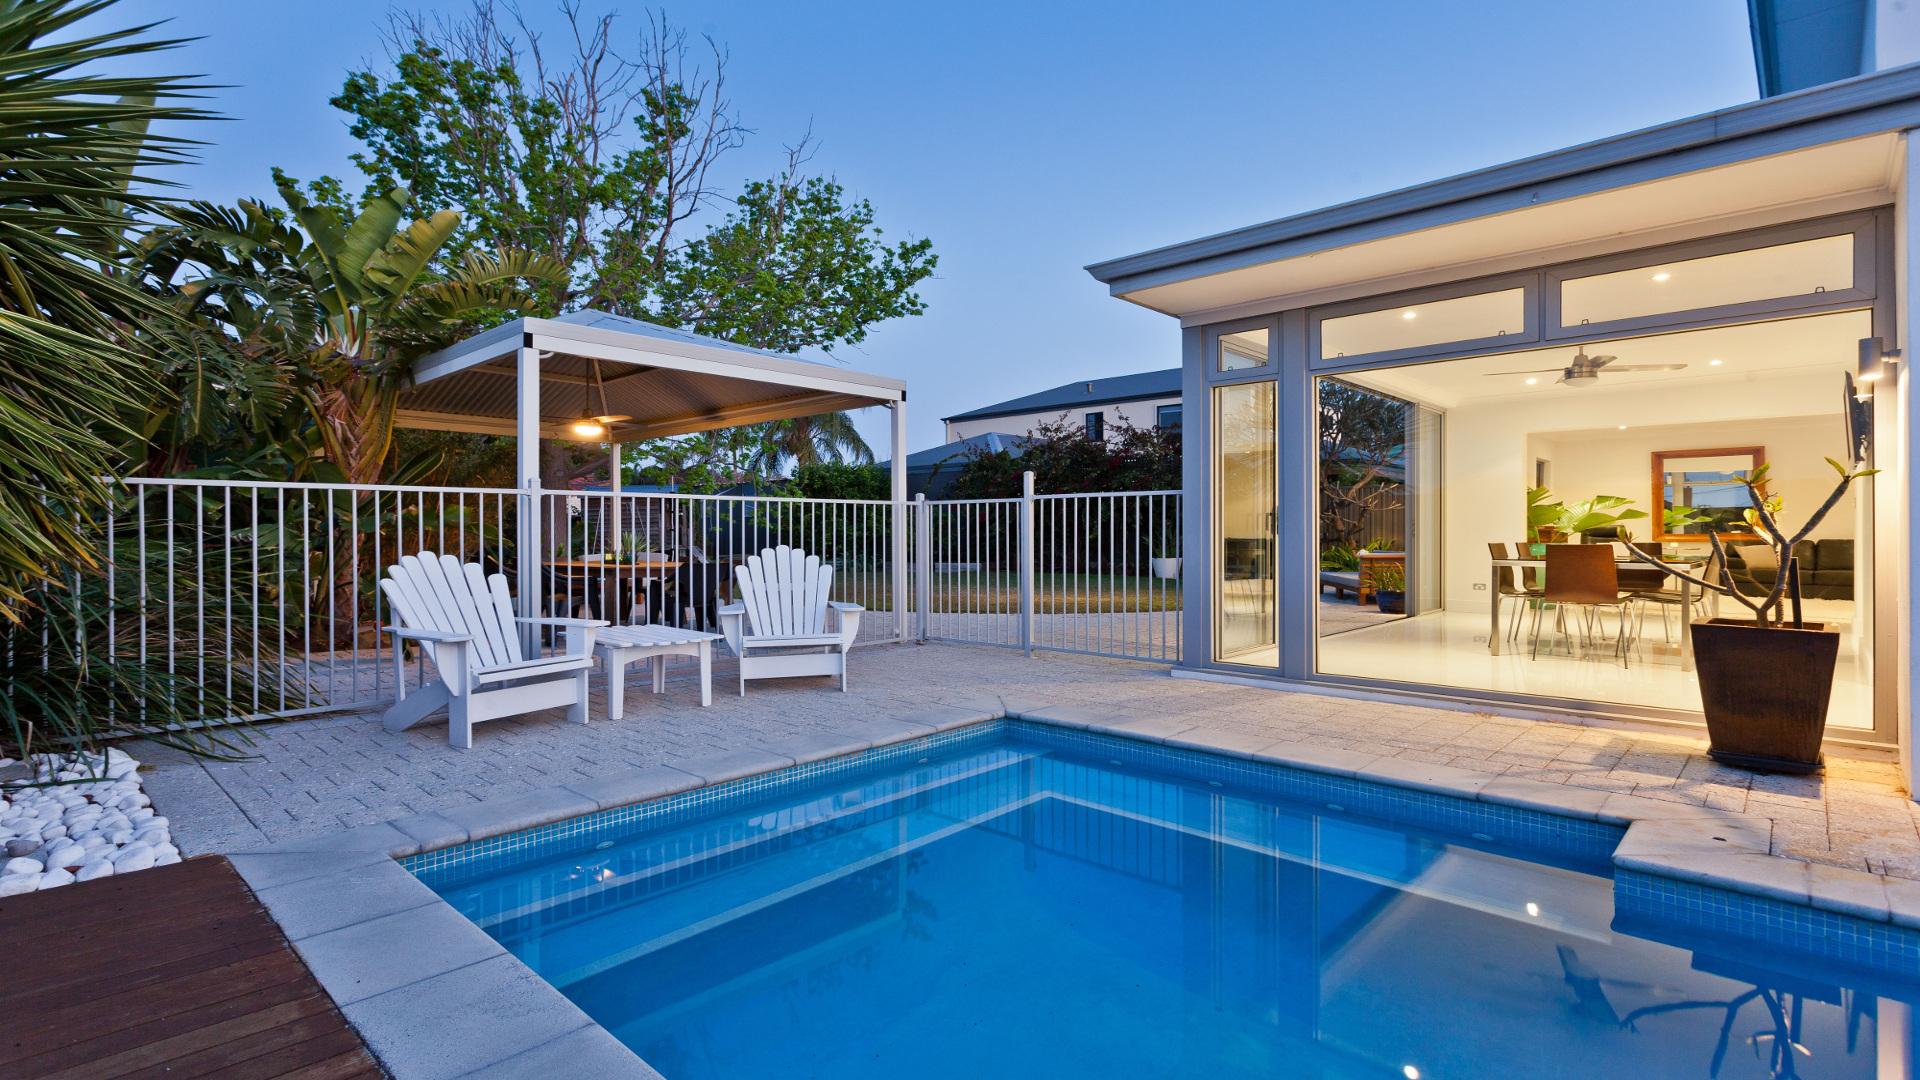 Mantenimiento de una piscina for Mantenimiento de la piscina